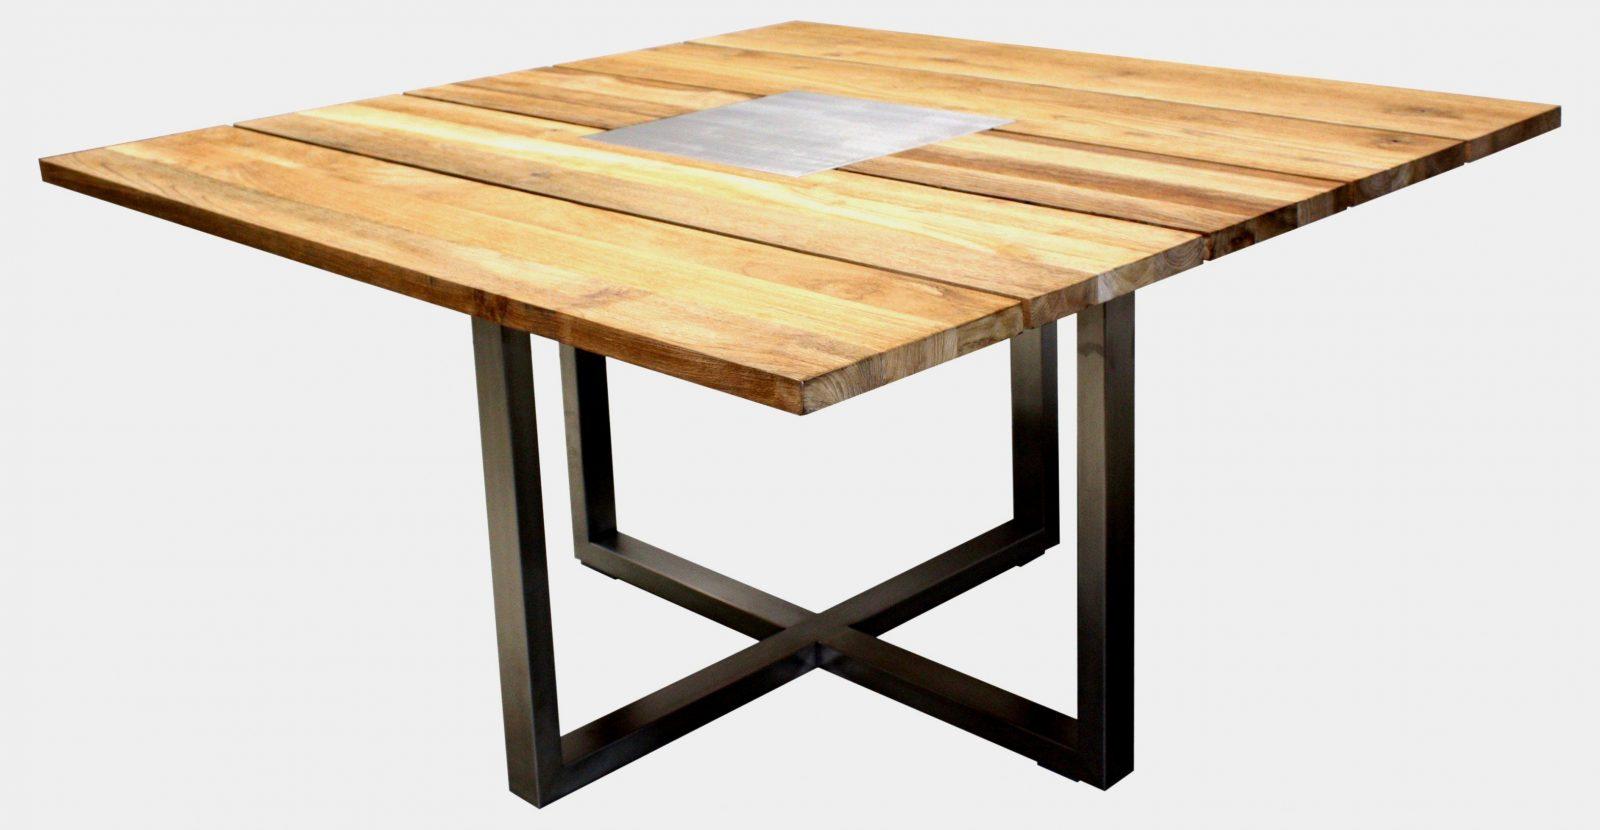 Verwunderlich Tisch Für 8 Personen Herrlich Esstisch Quadratisch von Quadratischer Esstisch Für 8 Personen Photo